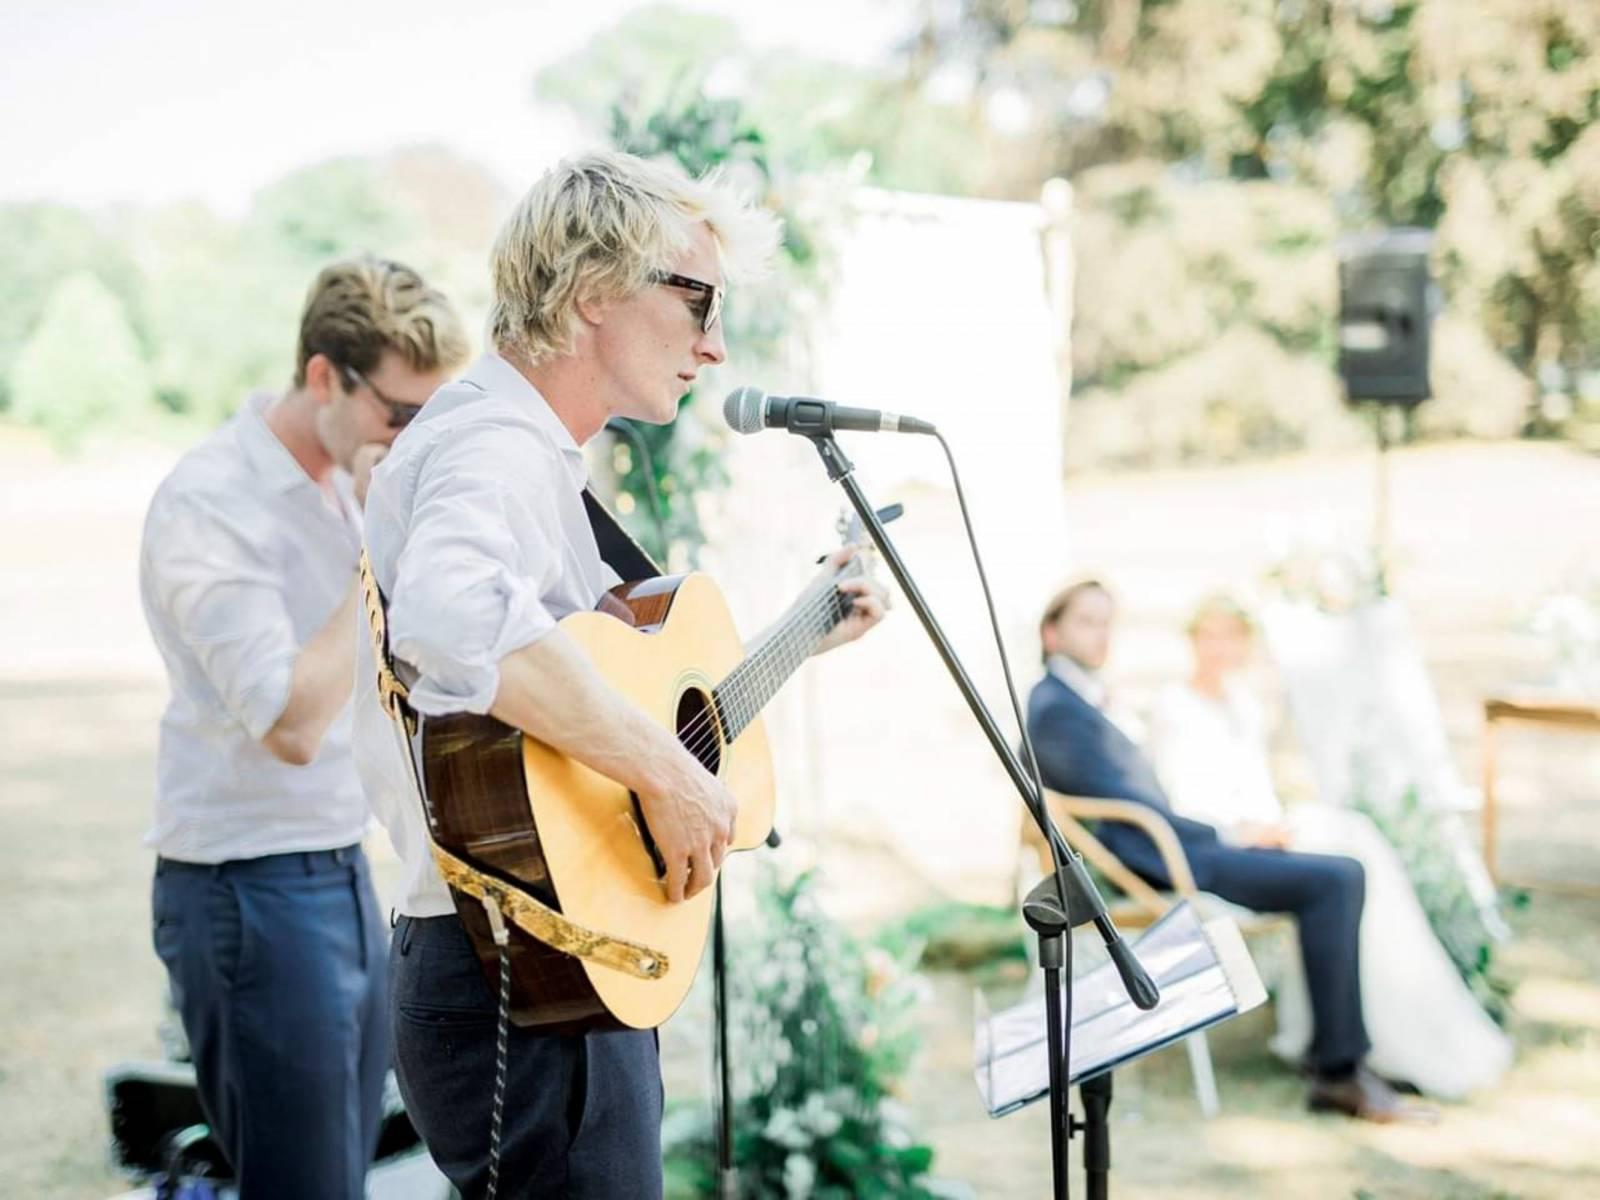 Mathieu & Guillaume artiest livemuziek zangers house of events (3)